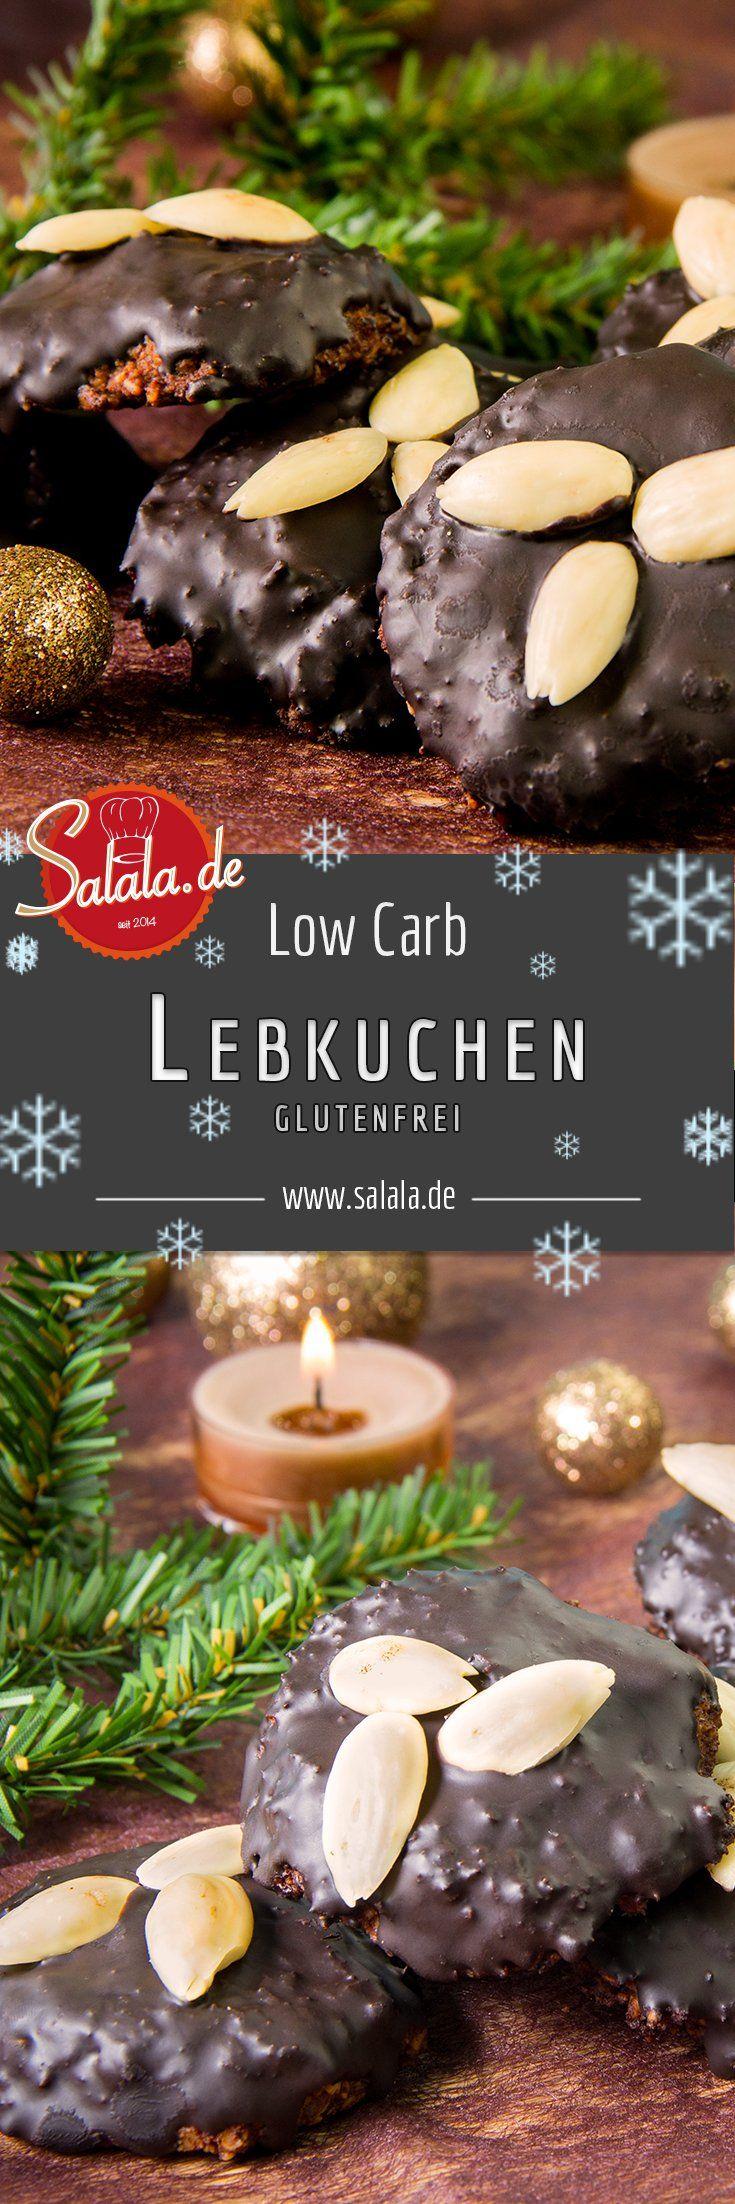 Nürnberger Lebkuchen Rezept Low Carb Weihnachtsbäckerei - salala.de - Ohne Lebkuchen ist Weihnachten einfach kein Weihnachten. Deshalb findest Du hier ein leckeres Low Carb Nürnberger Lebkuchen Rezept.